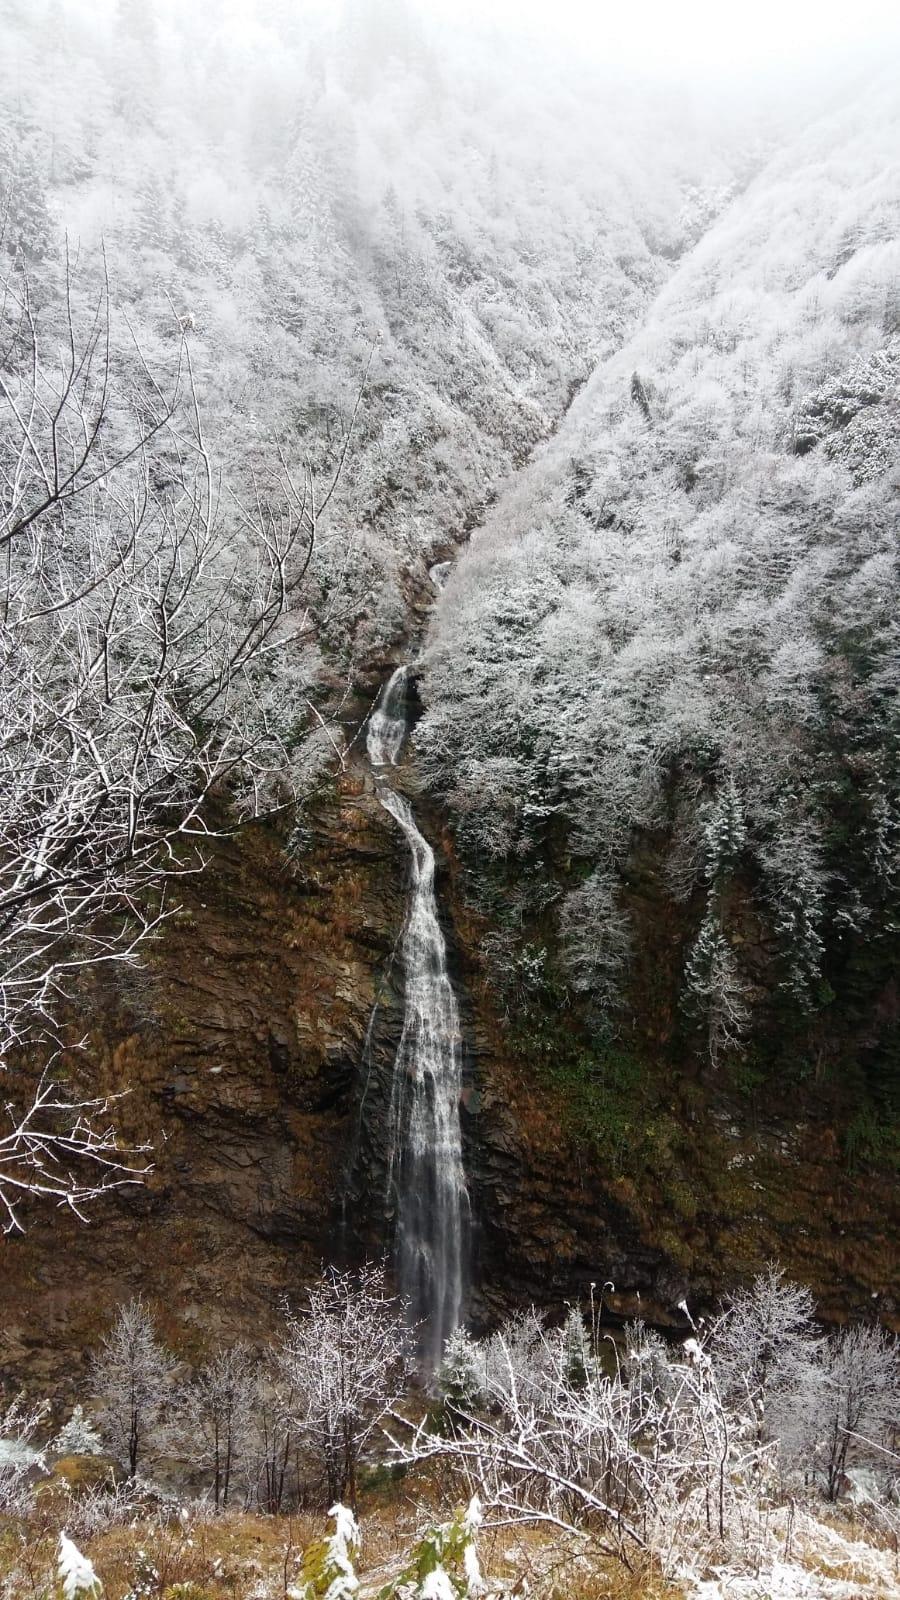 Ayder'de kış bir başka güzel 17